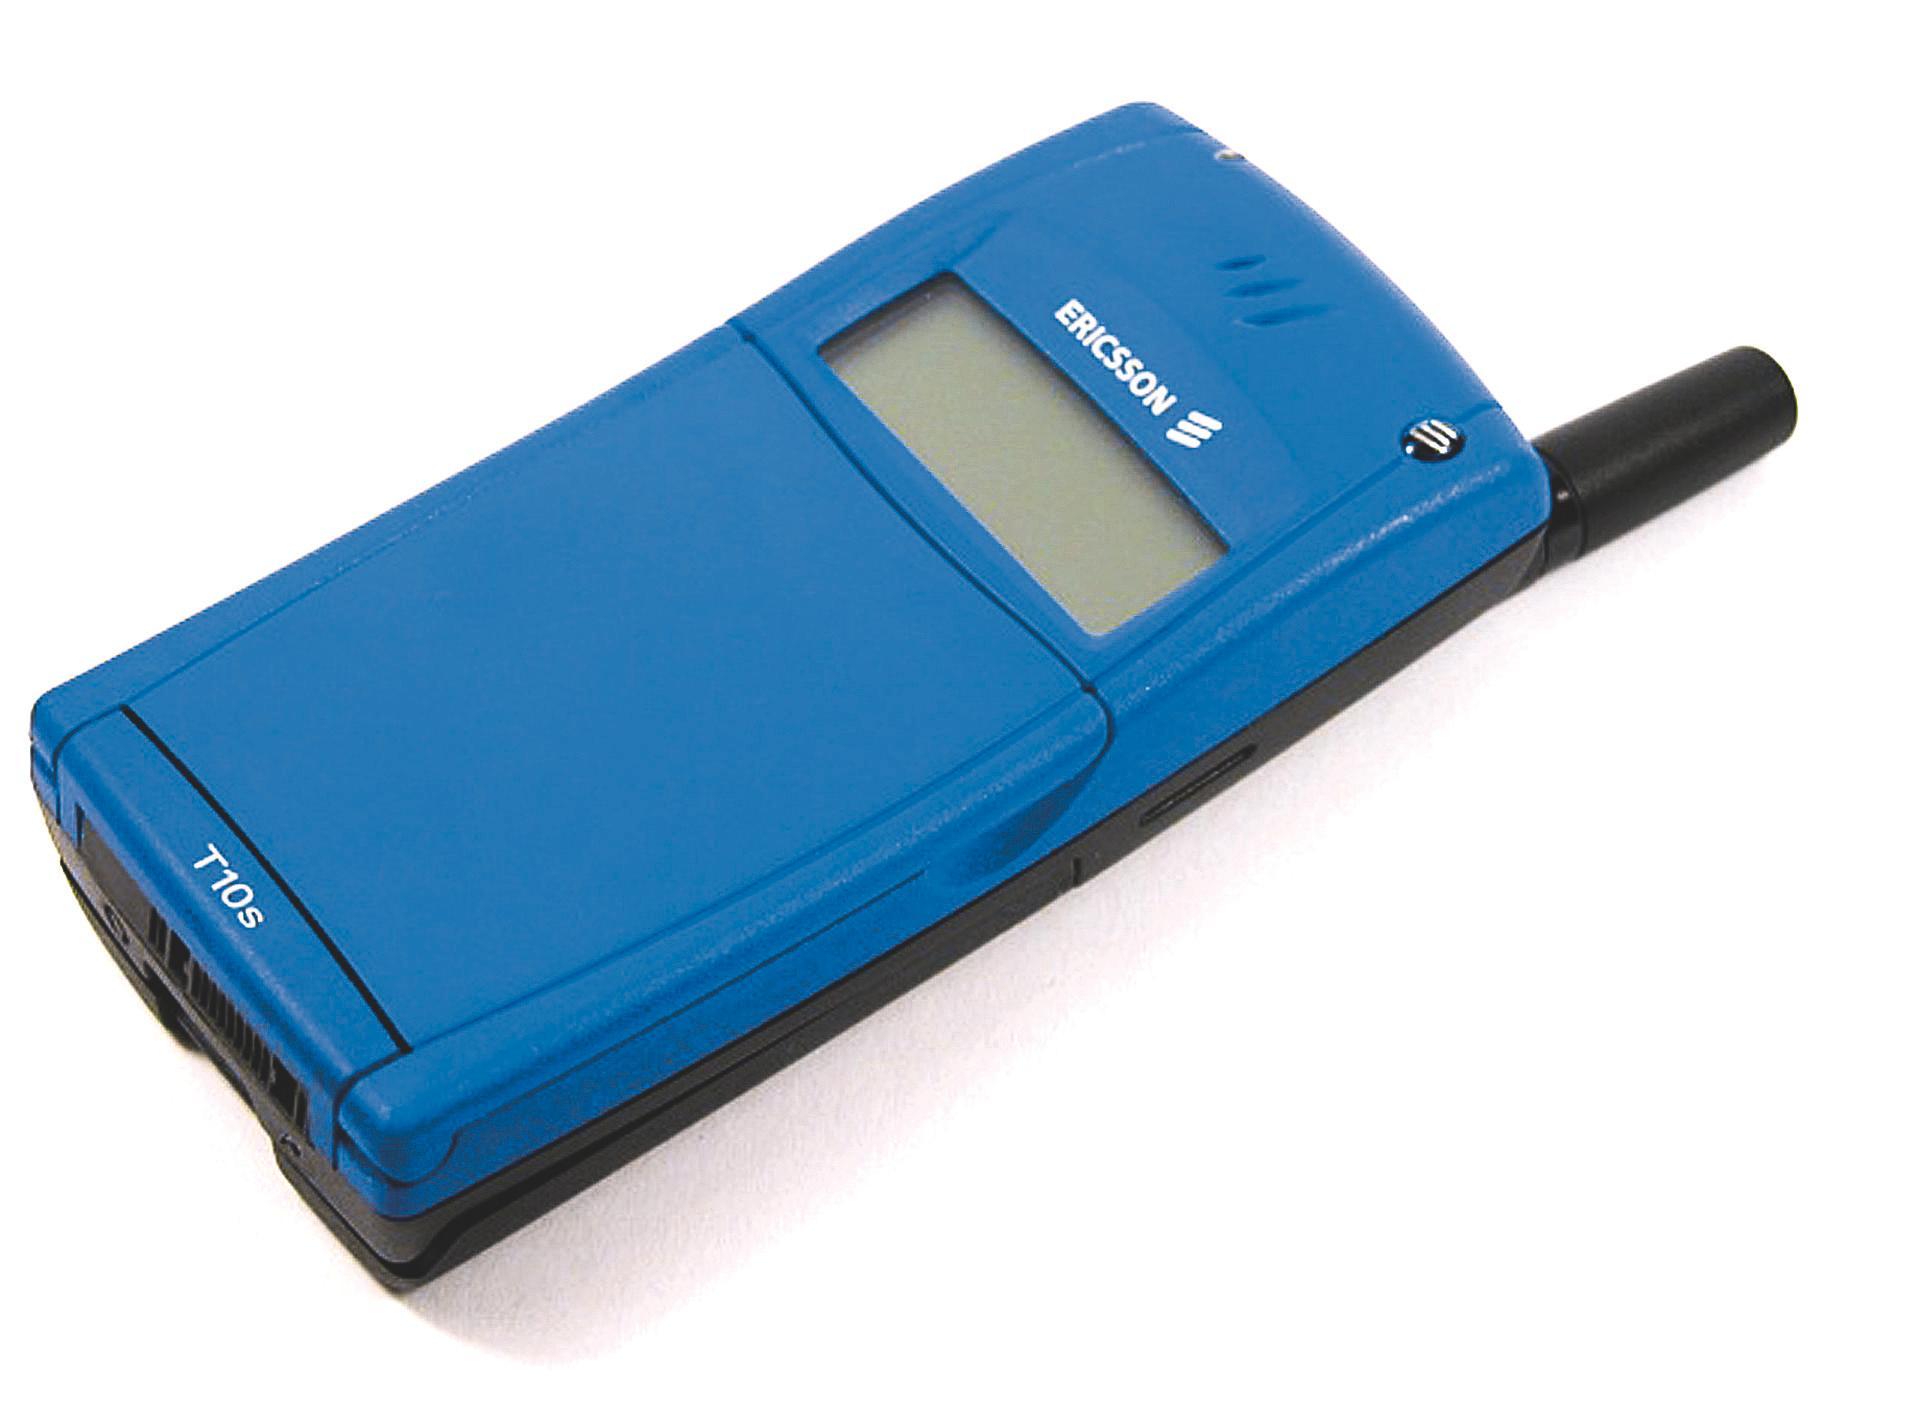 Ericsson T10 minnet en del om eldre modeller som SH 688, og designen ble gjerne kalt Volvo-design på grunn av de enkle og kantete formene. Men T10 hadde lokk over tastene, og kom i sort, blå eller rød utførelse.